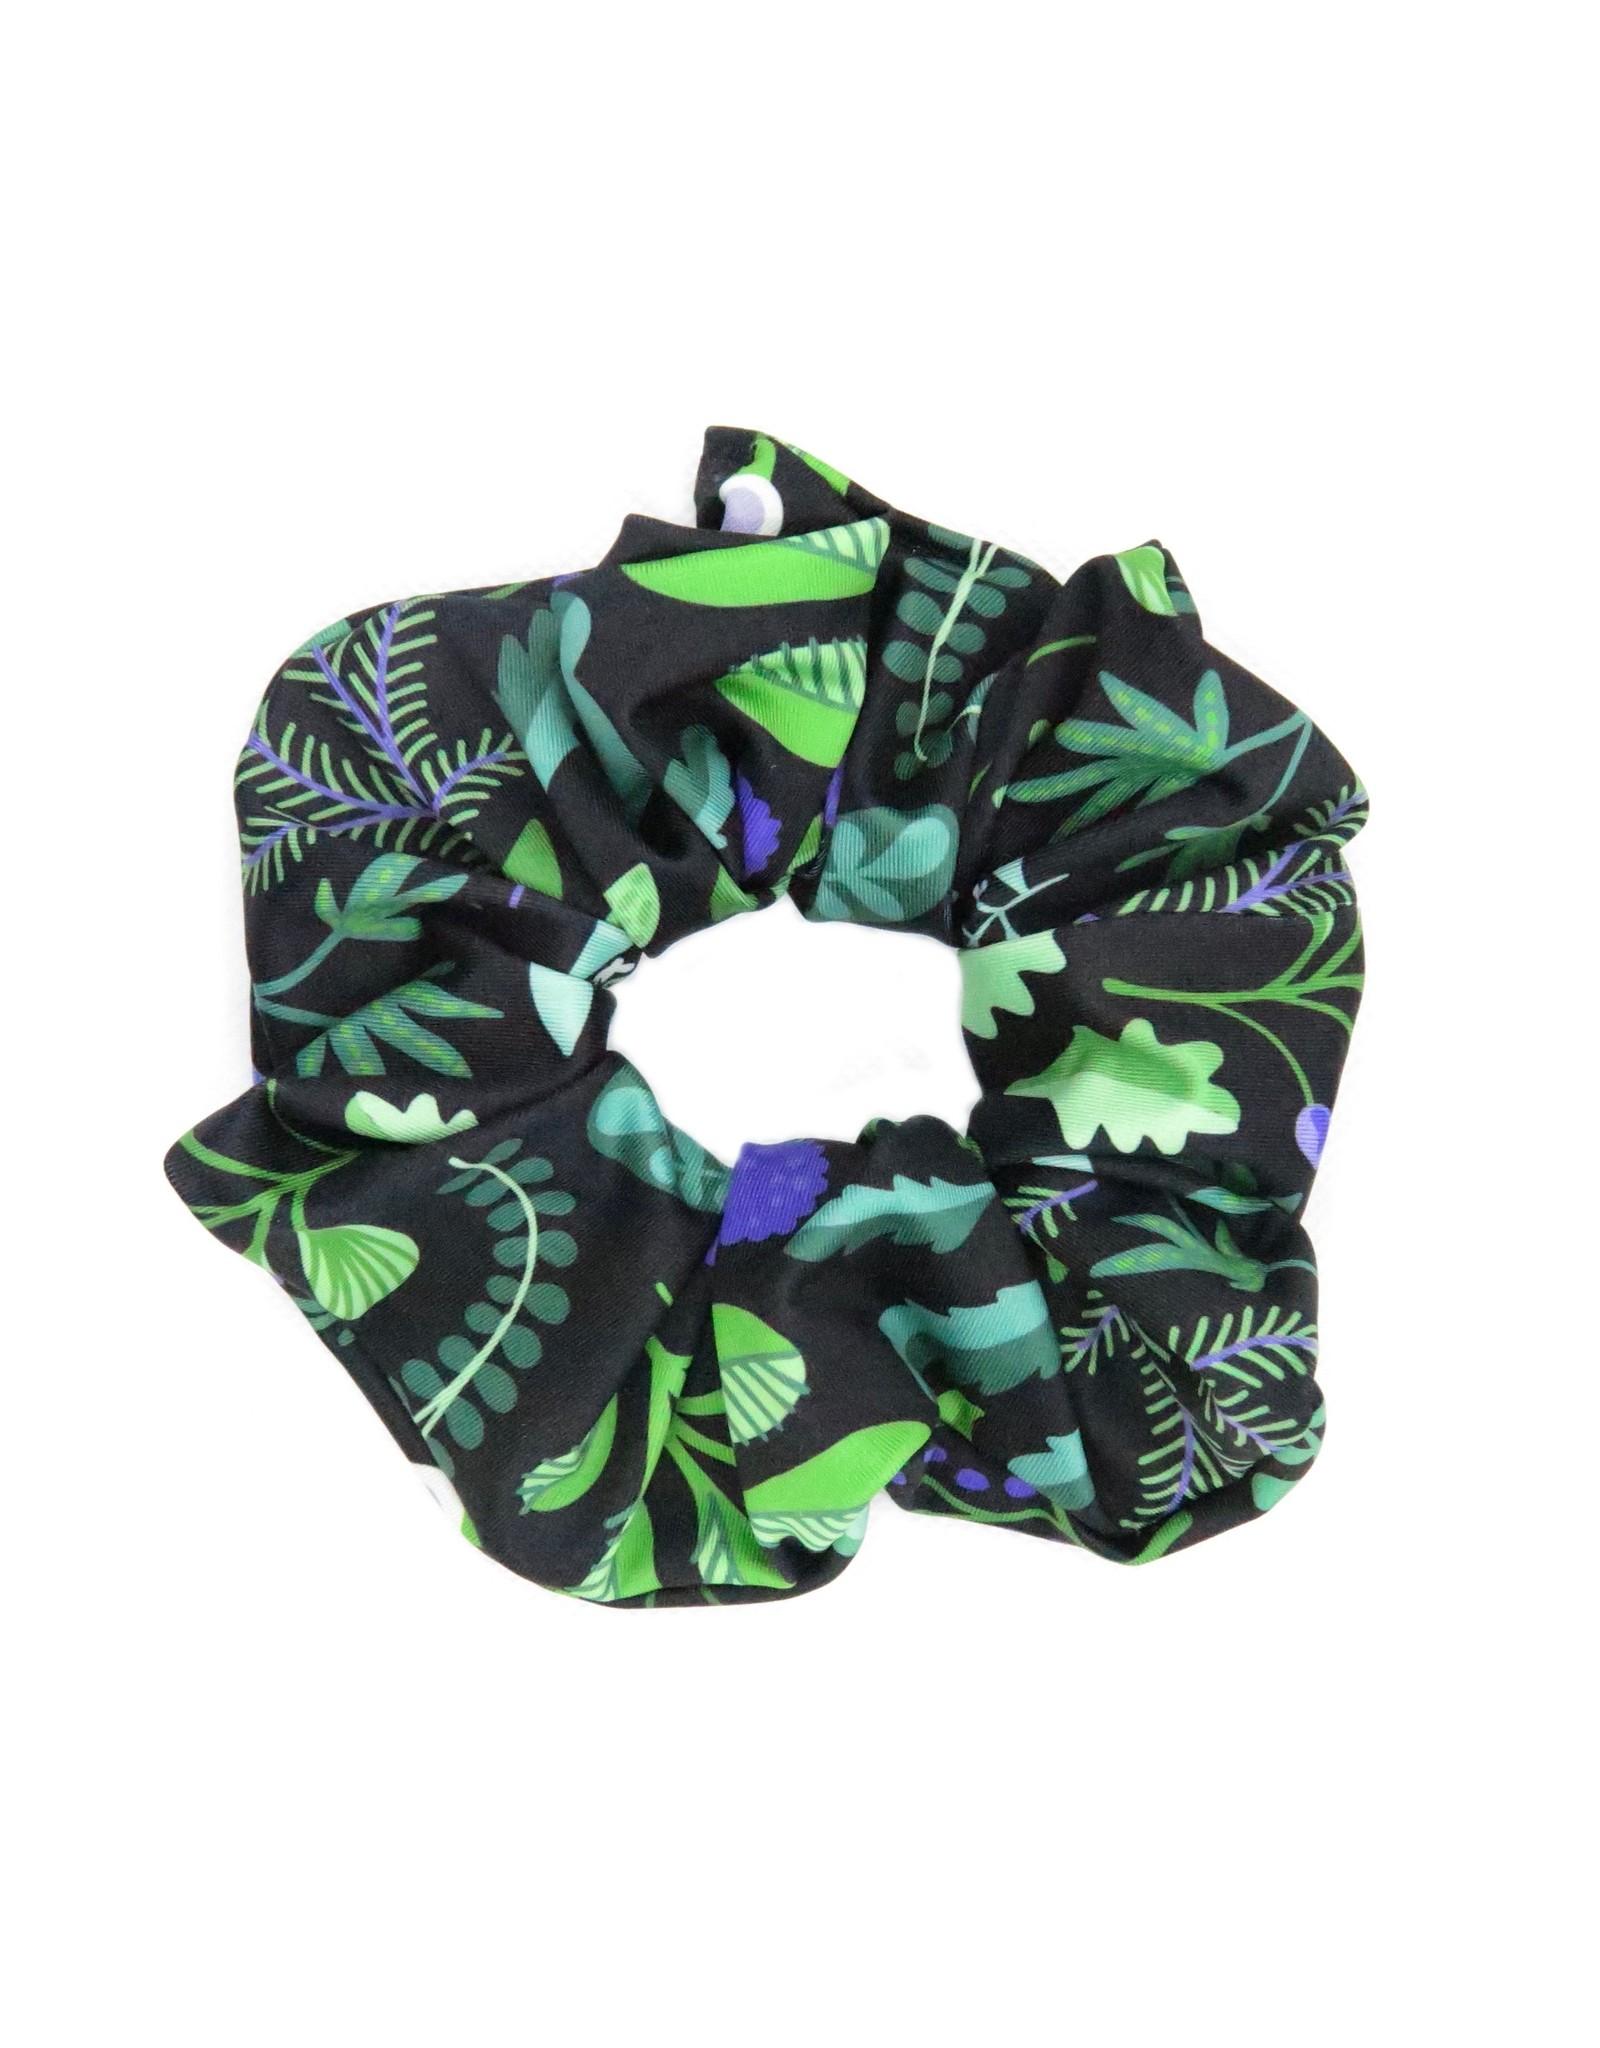 Botanic scrunchie